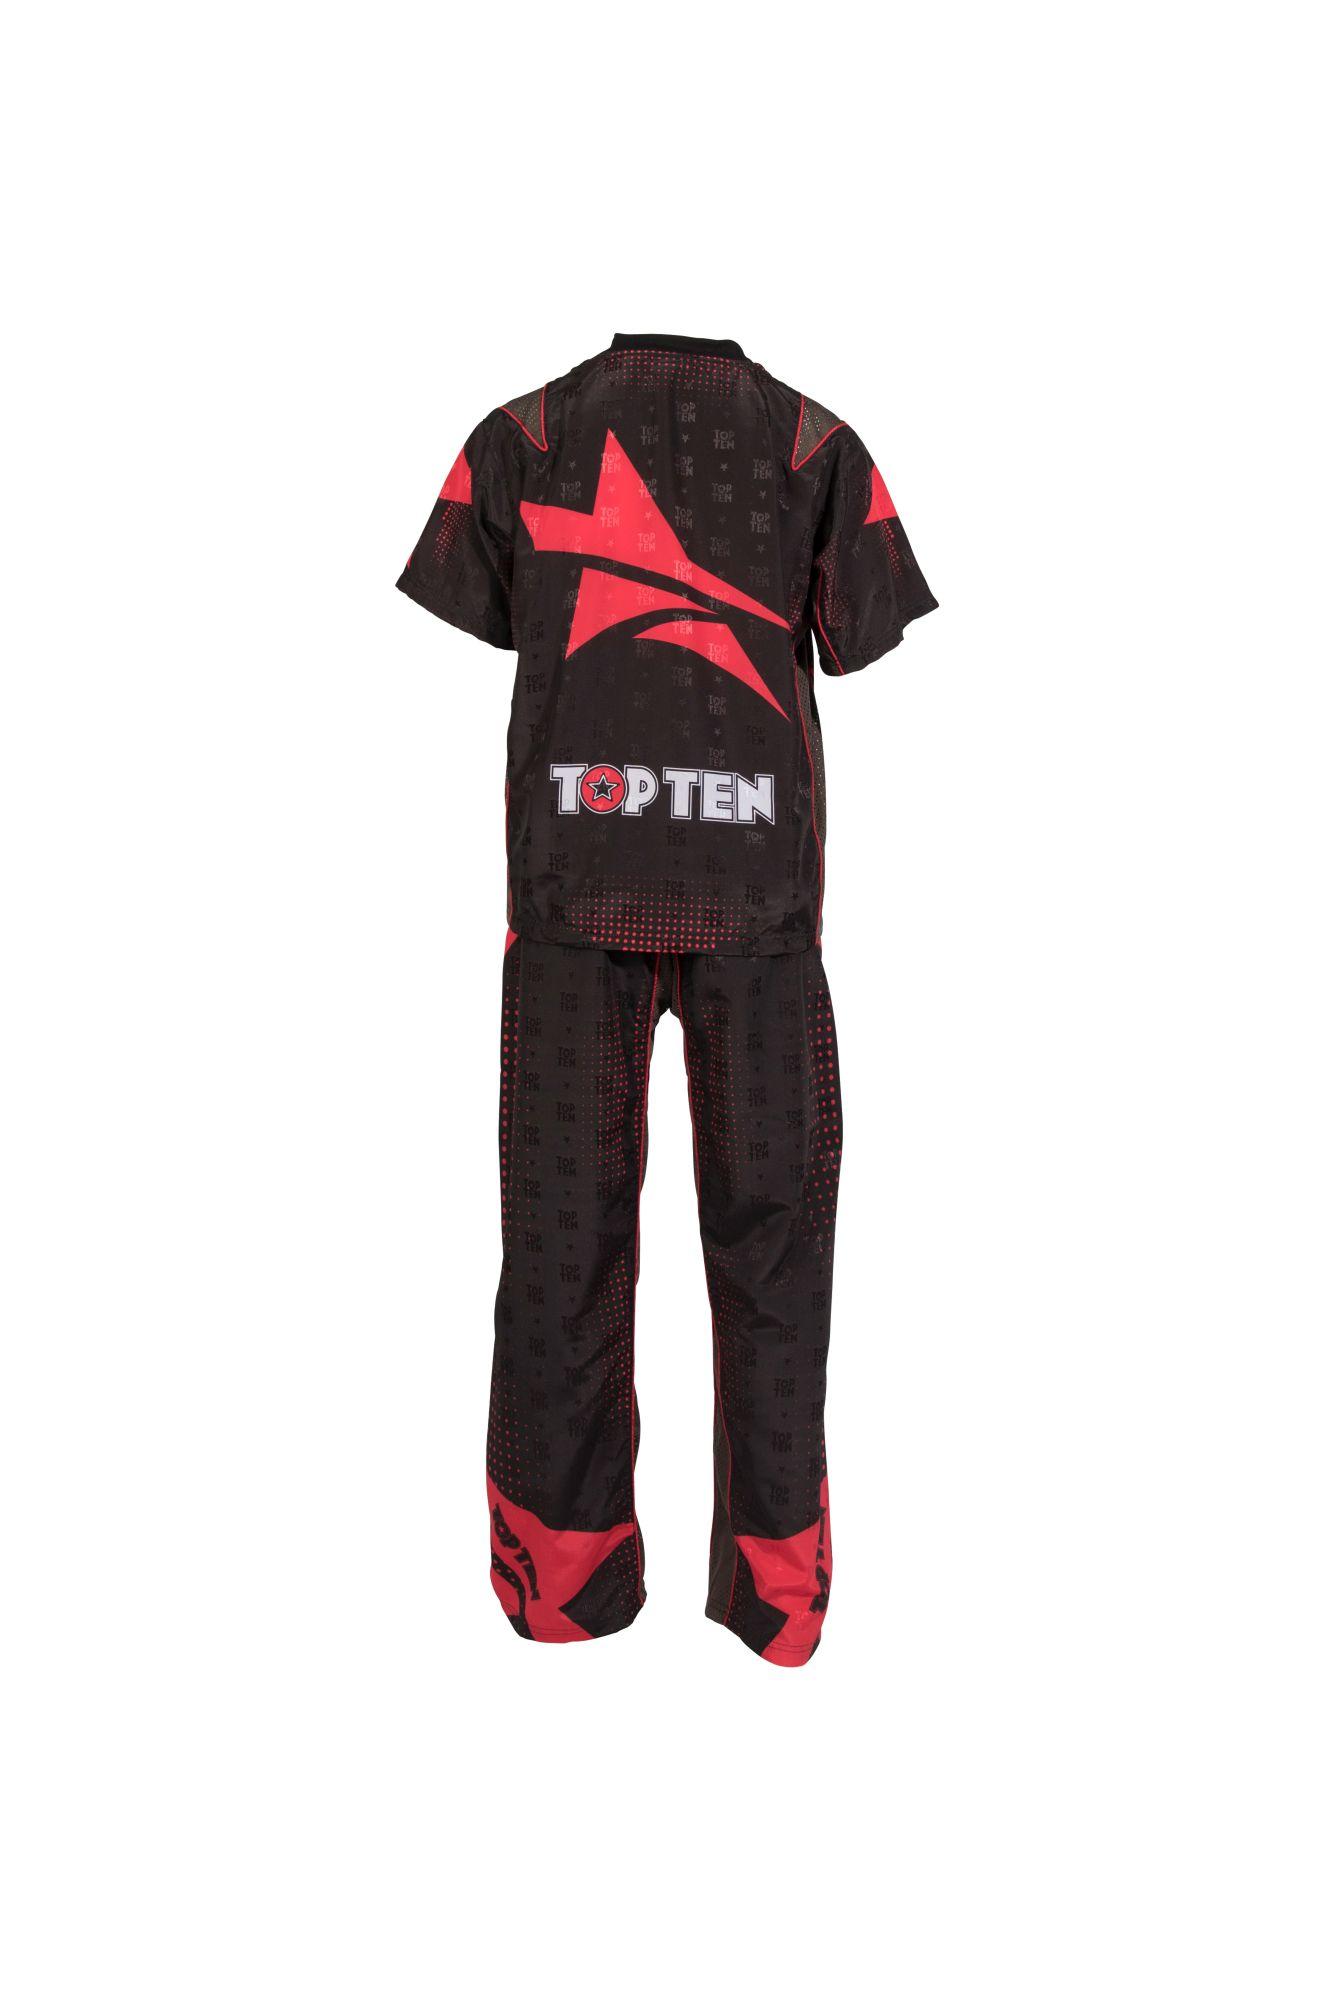 """TOP TEN Kickboksuniform """"Future"""" voor kinderen Zwart - rood"""